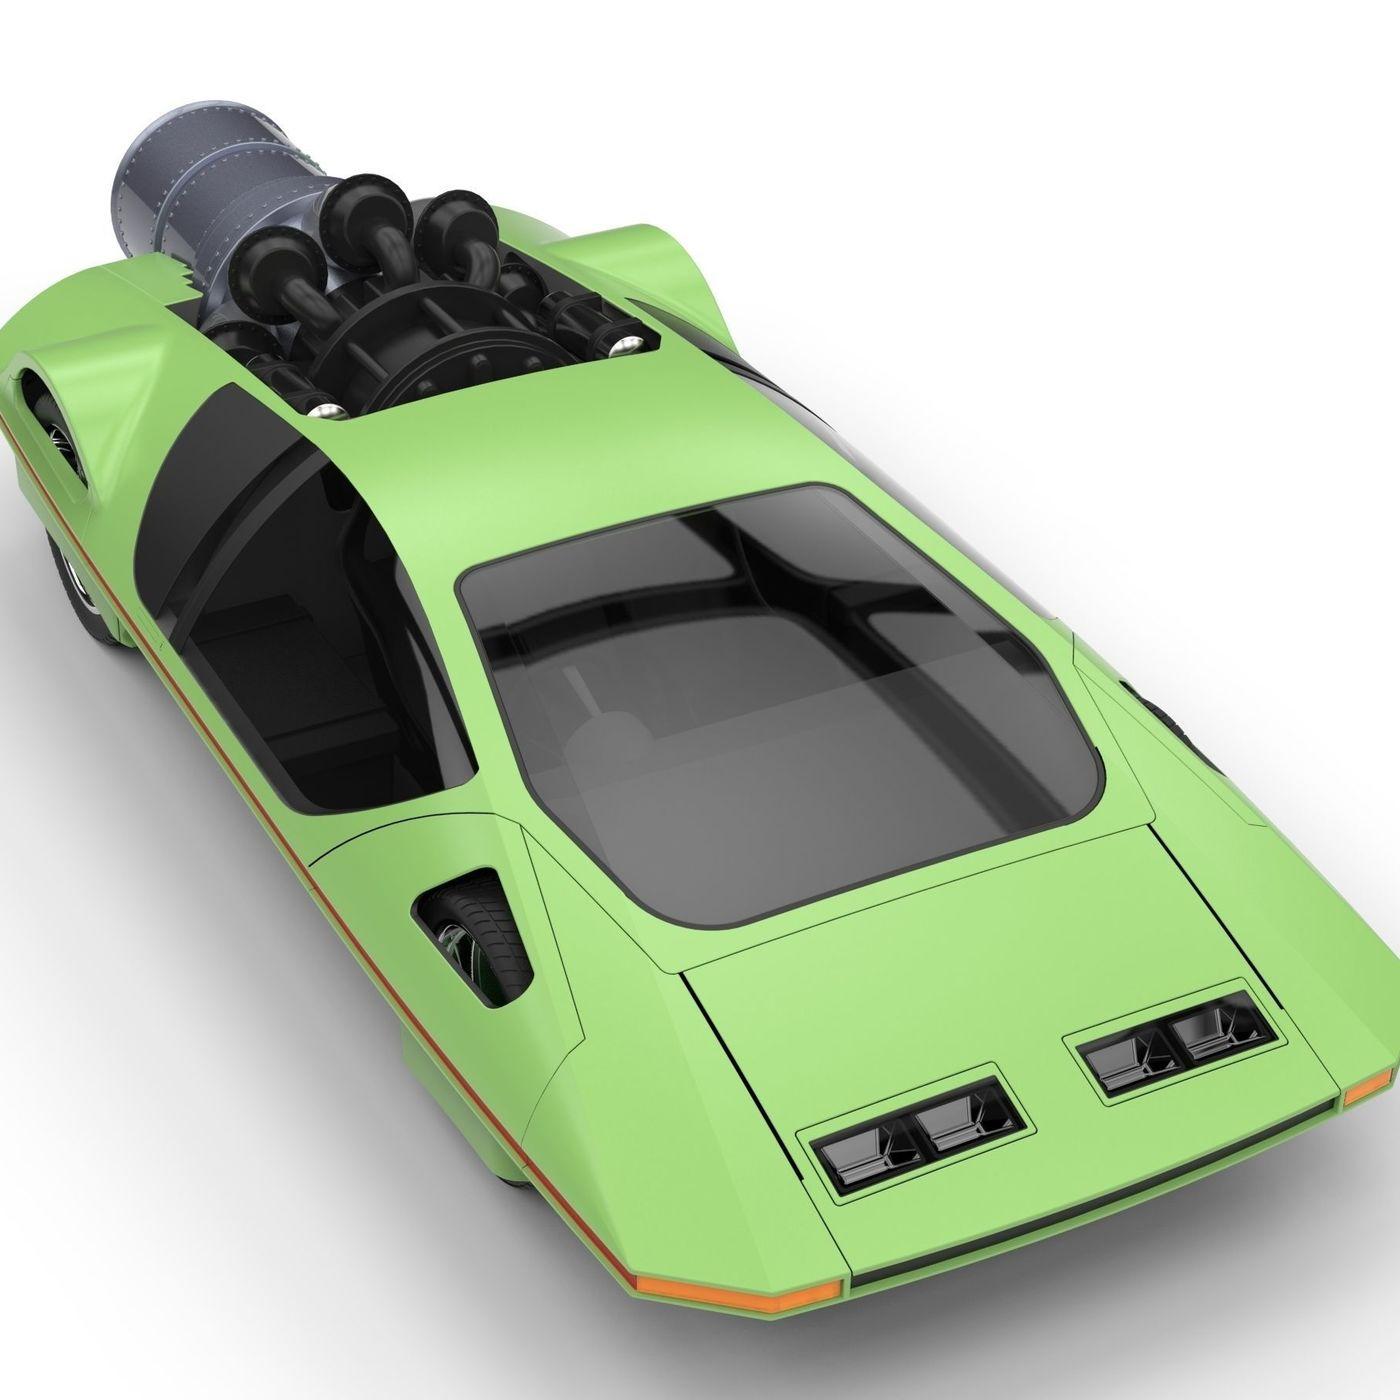 Jet Ferrari 512S Modulo Pininfarina Concept